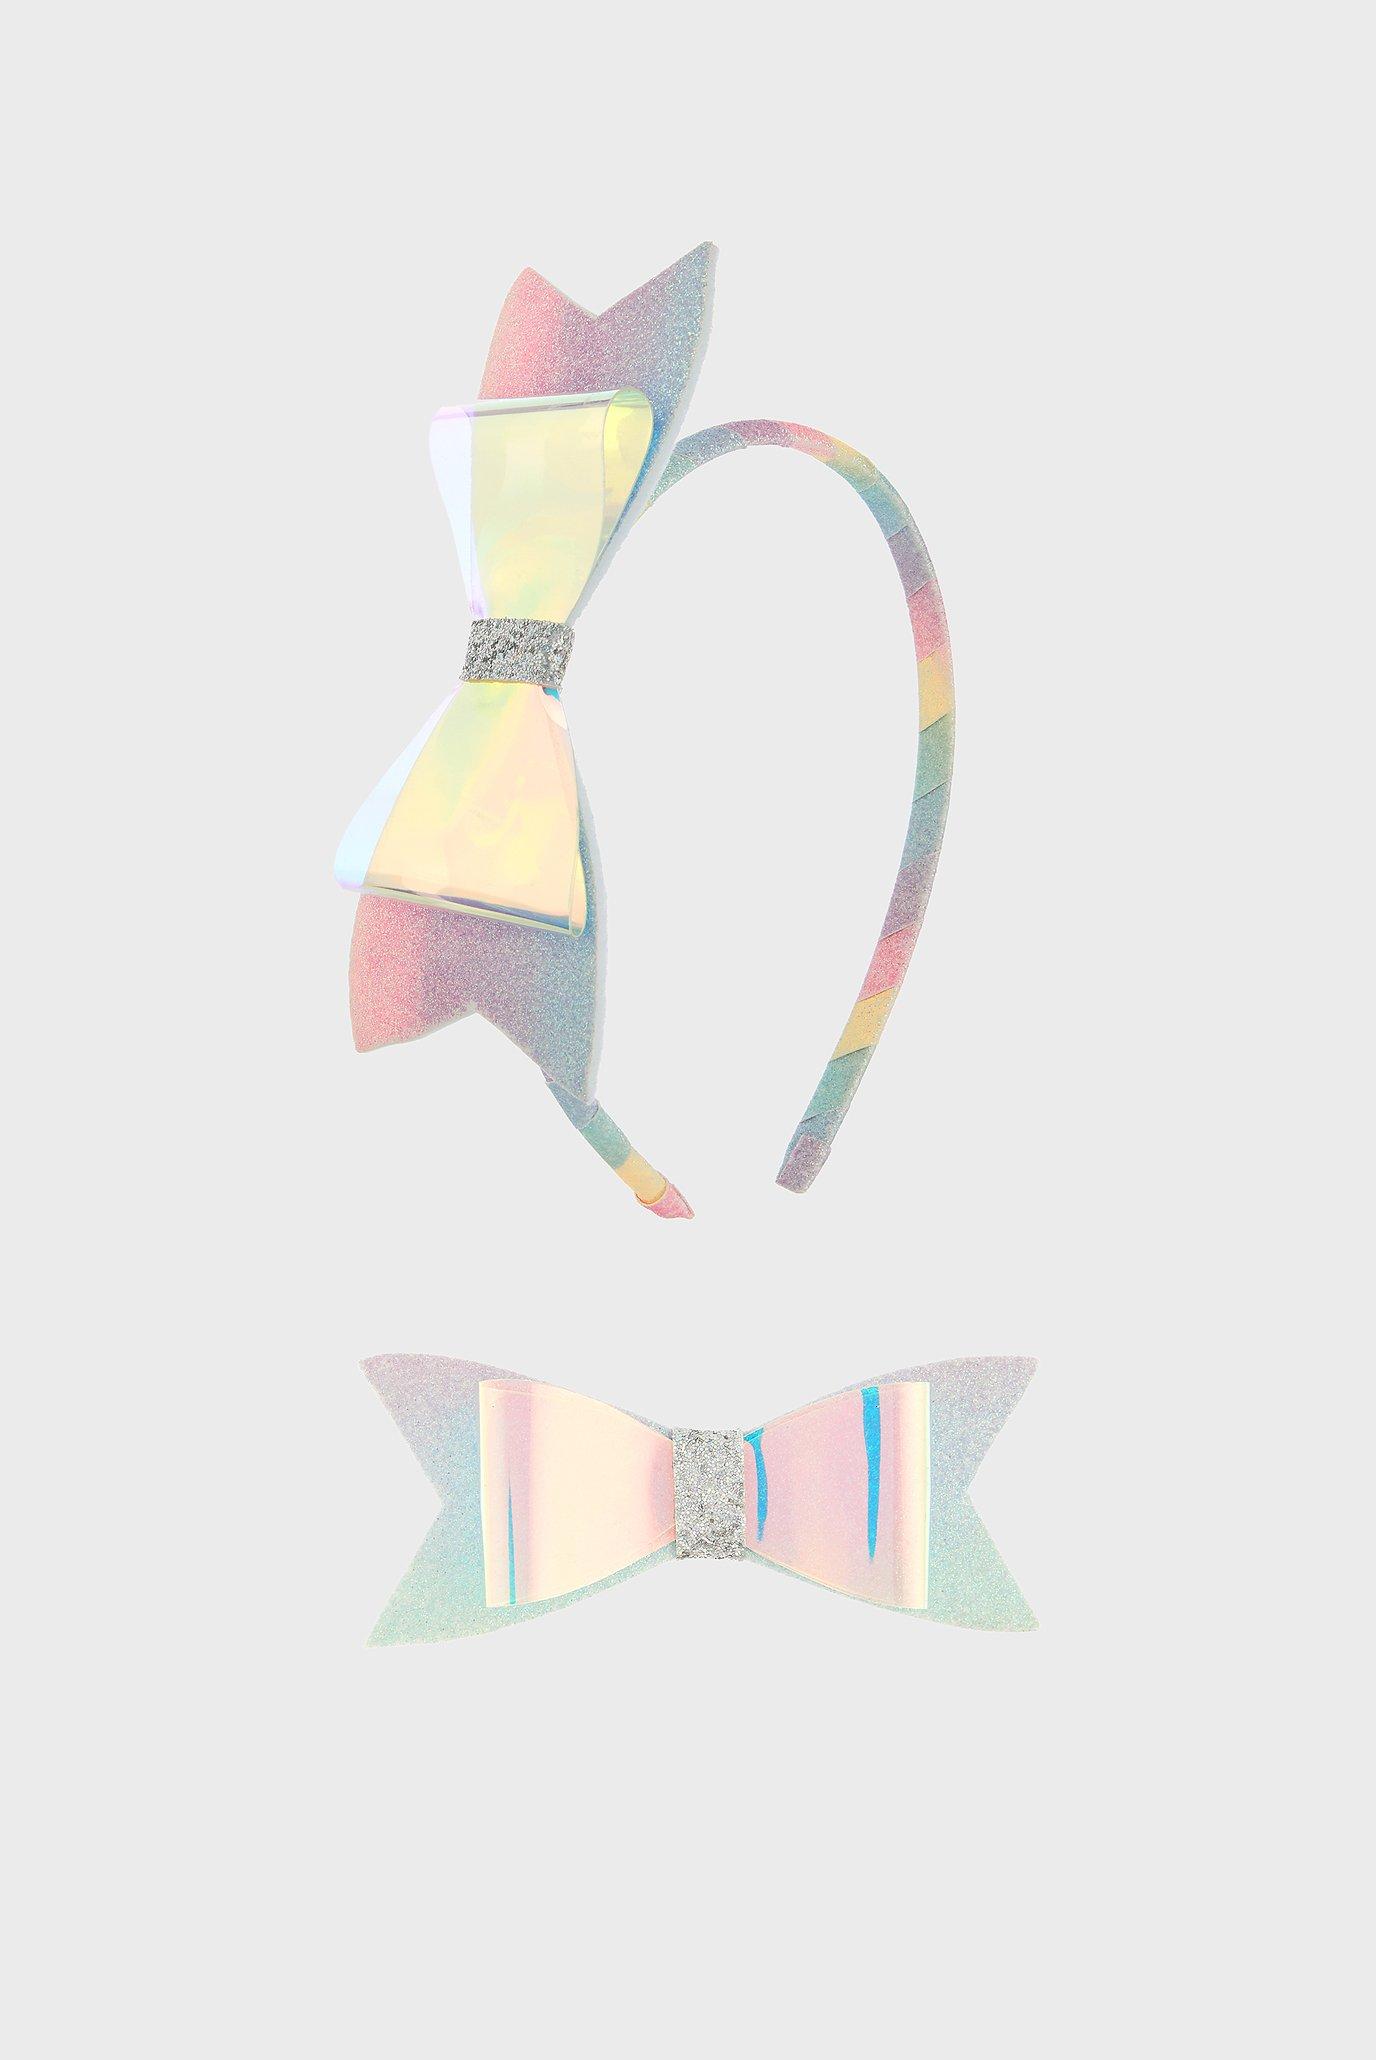 Купить Детский набор аксессуаров (обруч, заколка) HOLOGRAPHIC RAINBOW Accessorize Accessorize 683056 – Киев, Украина. Цены в интернет магазине MD Fashion